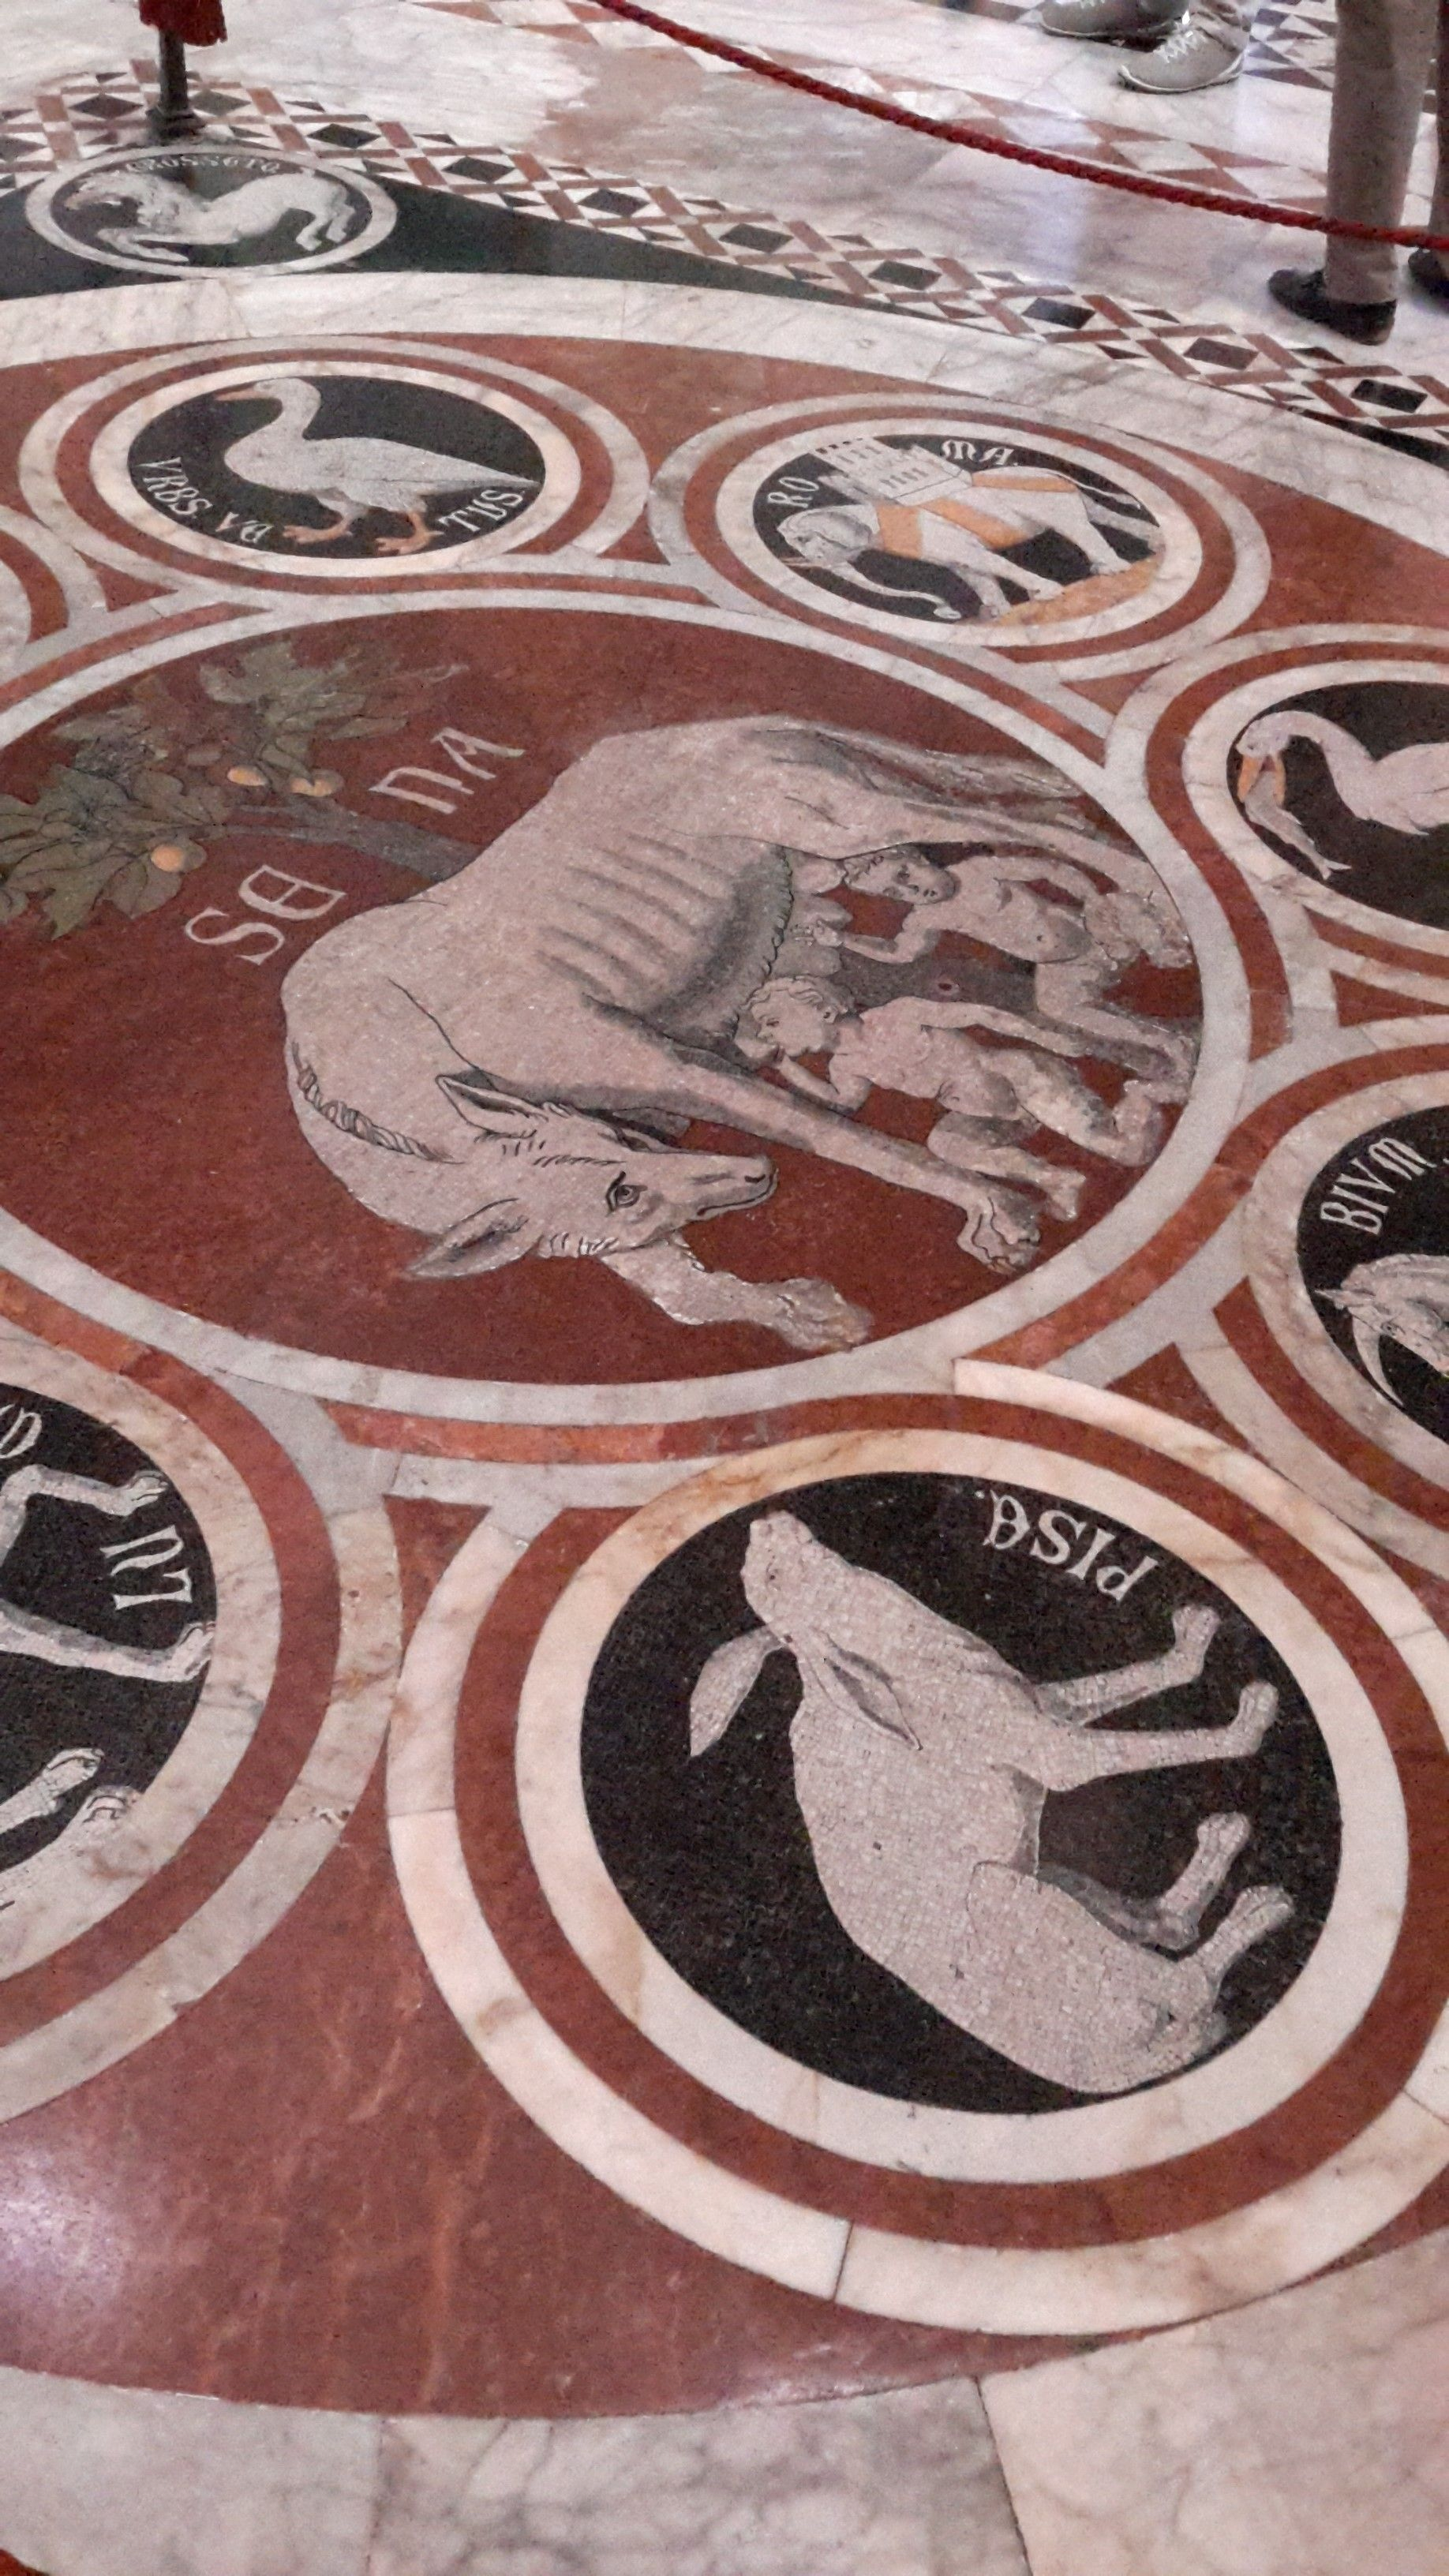 Pavimento del Duomo di Siena - La Lupa senese tra i simboli delle città alleate - Ignoto (rifatto da Leopoldo Maccari) - 1373